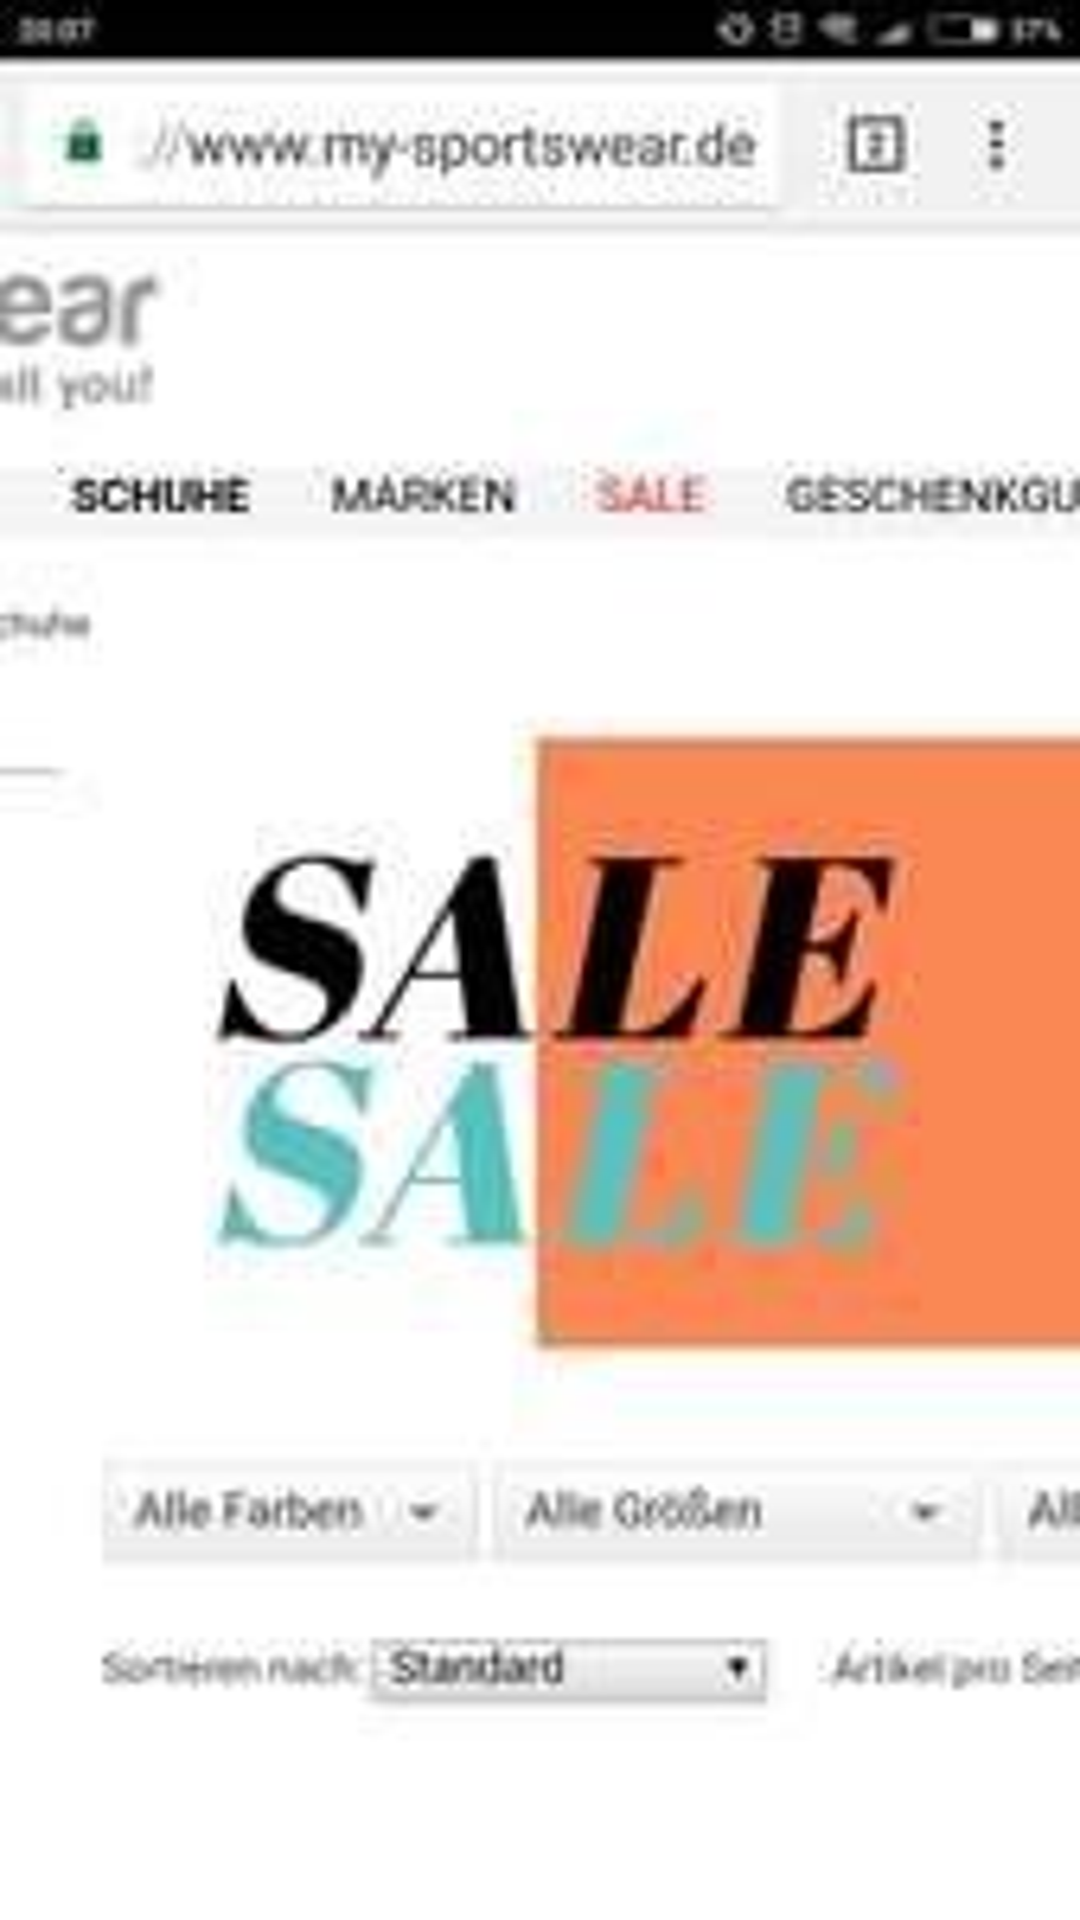 Schuhe 35% Rabatt auf mysportswear.de